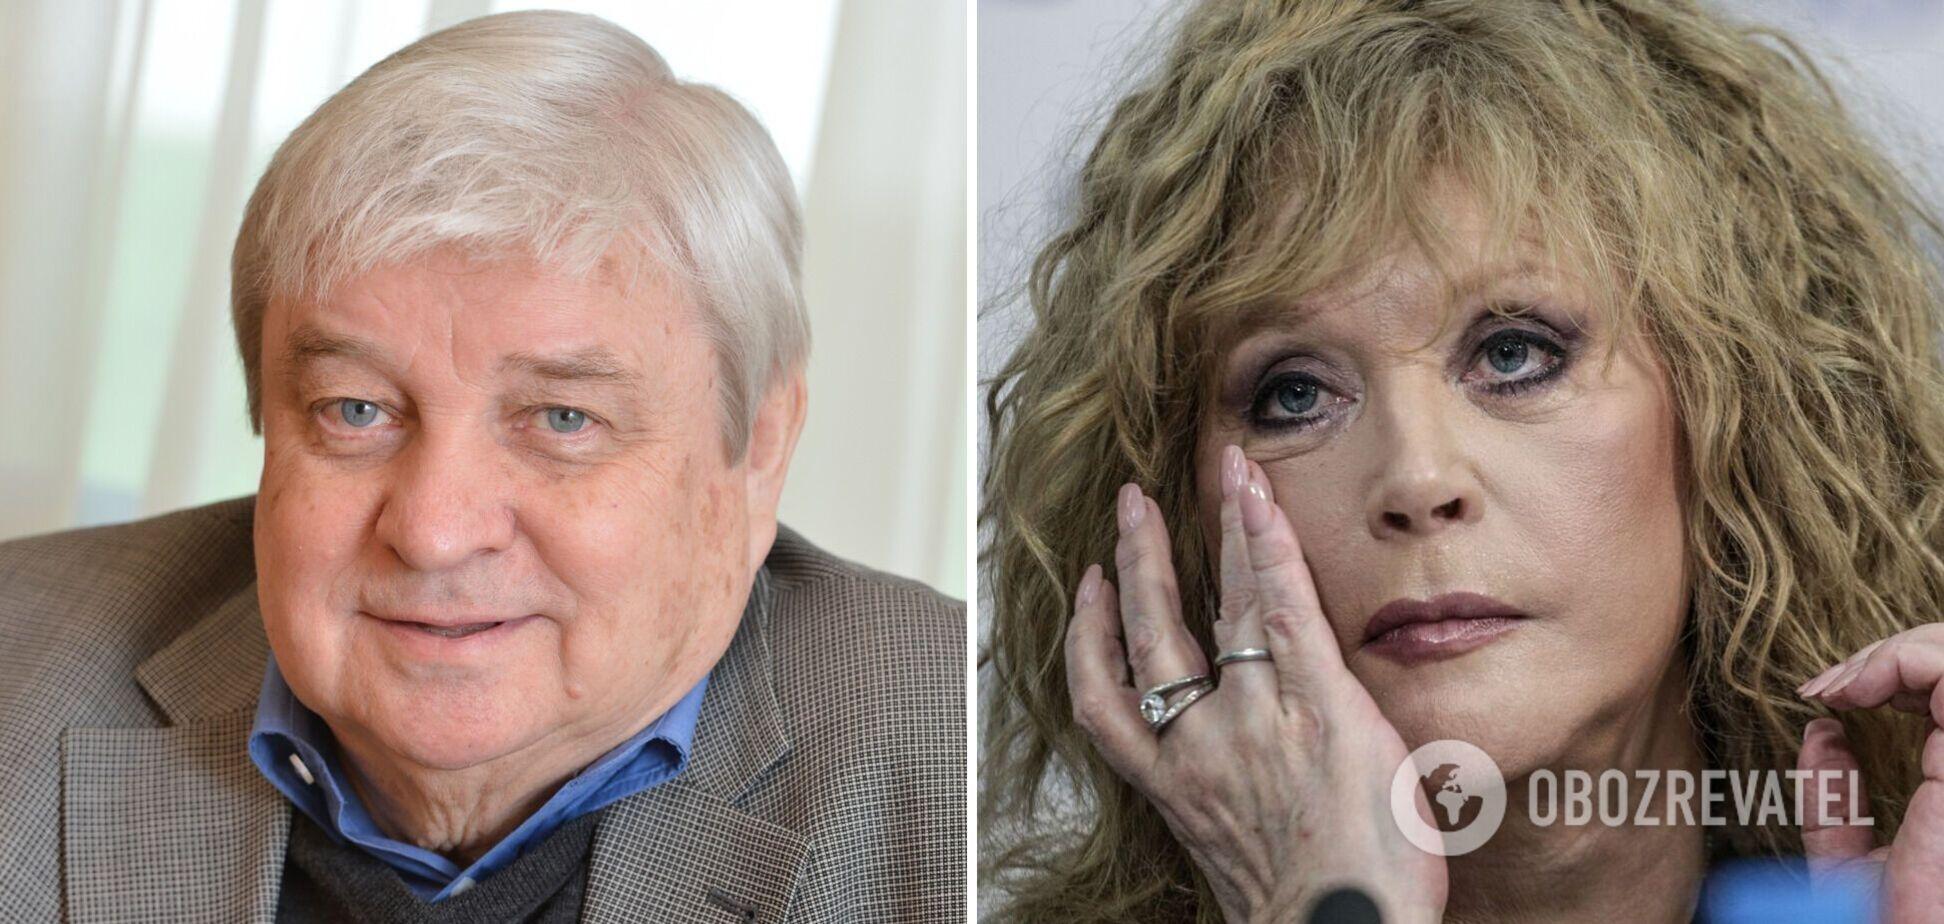 Умер бывший муж Пугачевой: почему он не помирился с певицей до конца жизни